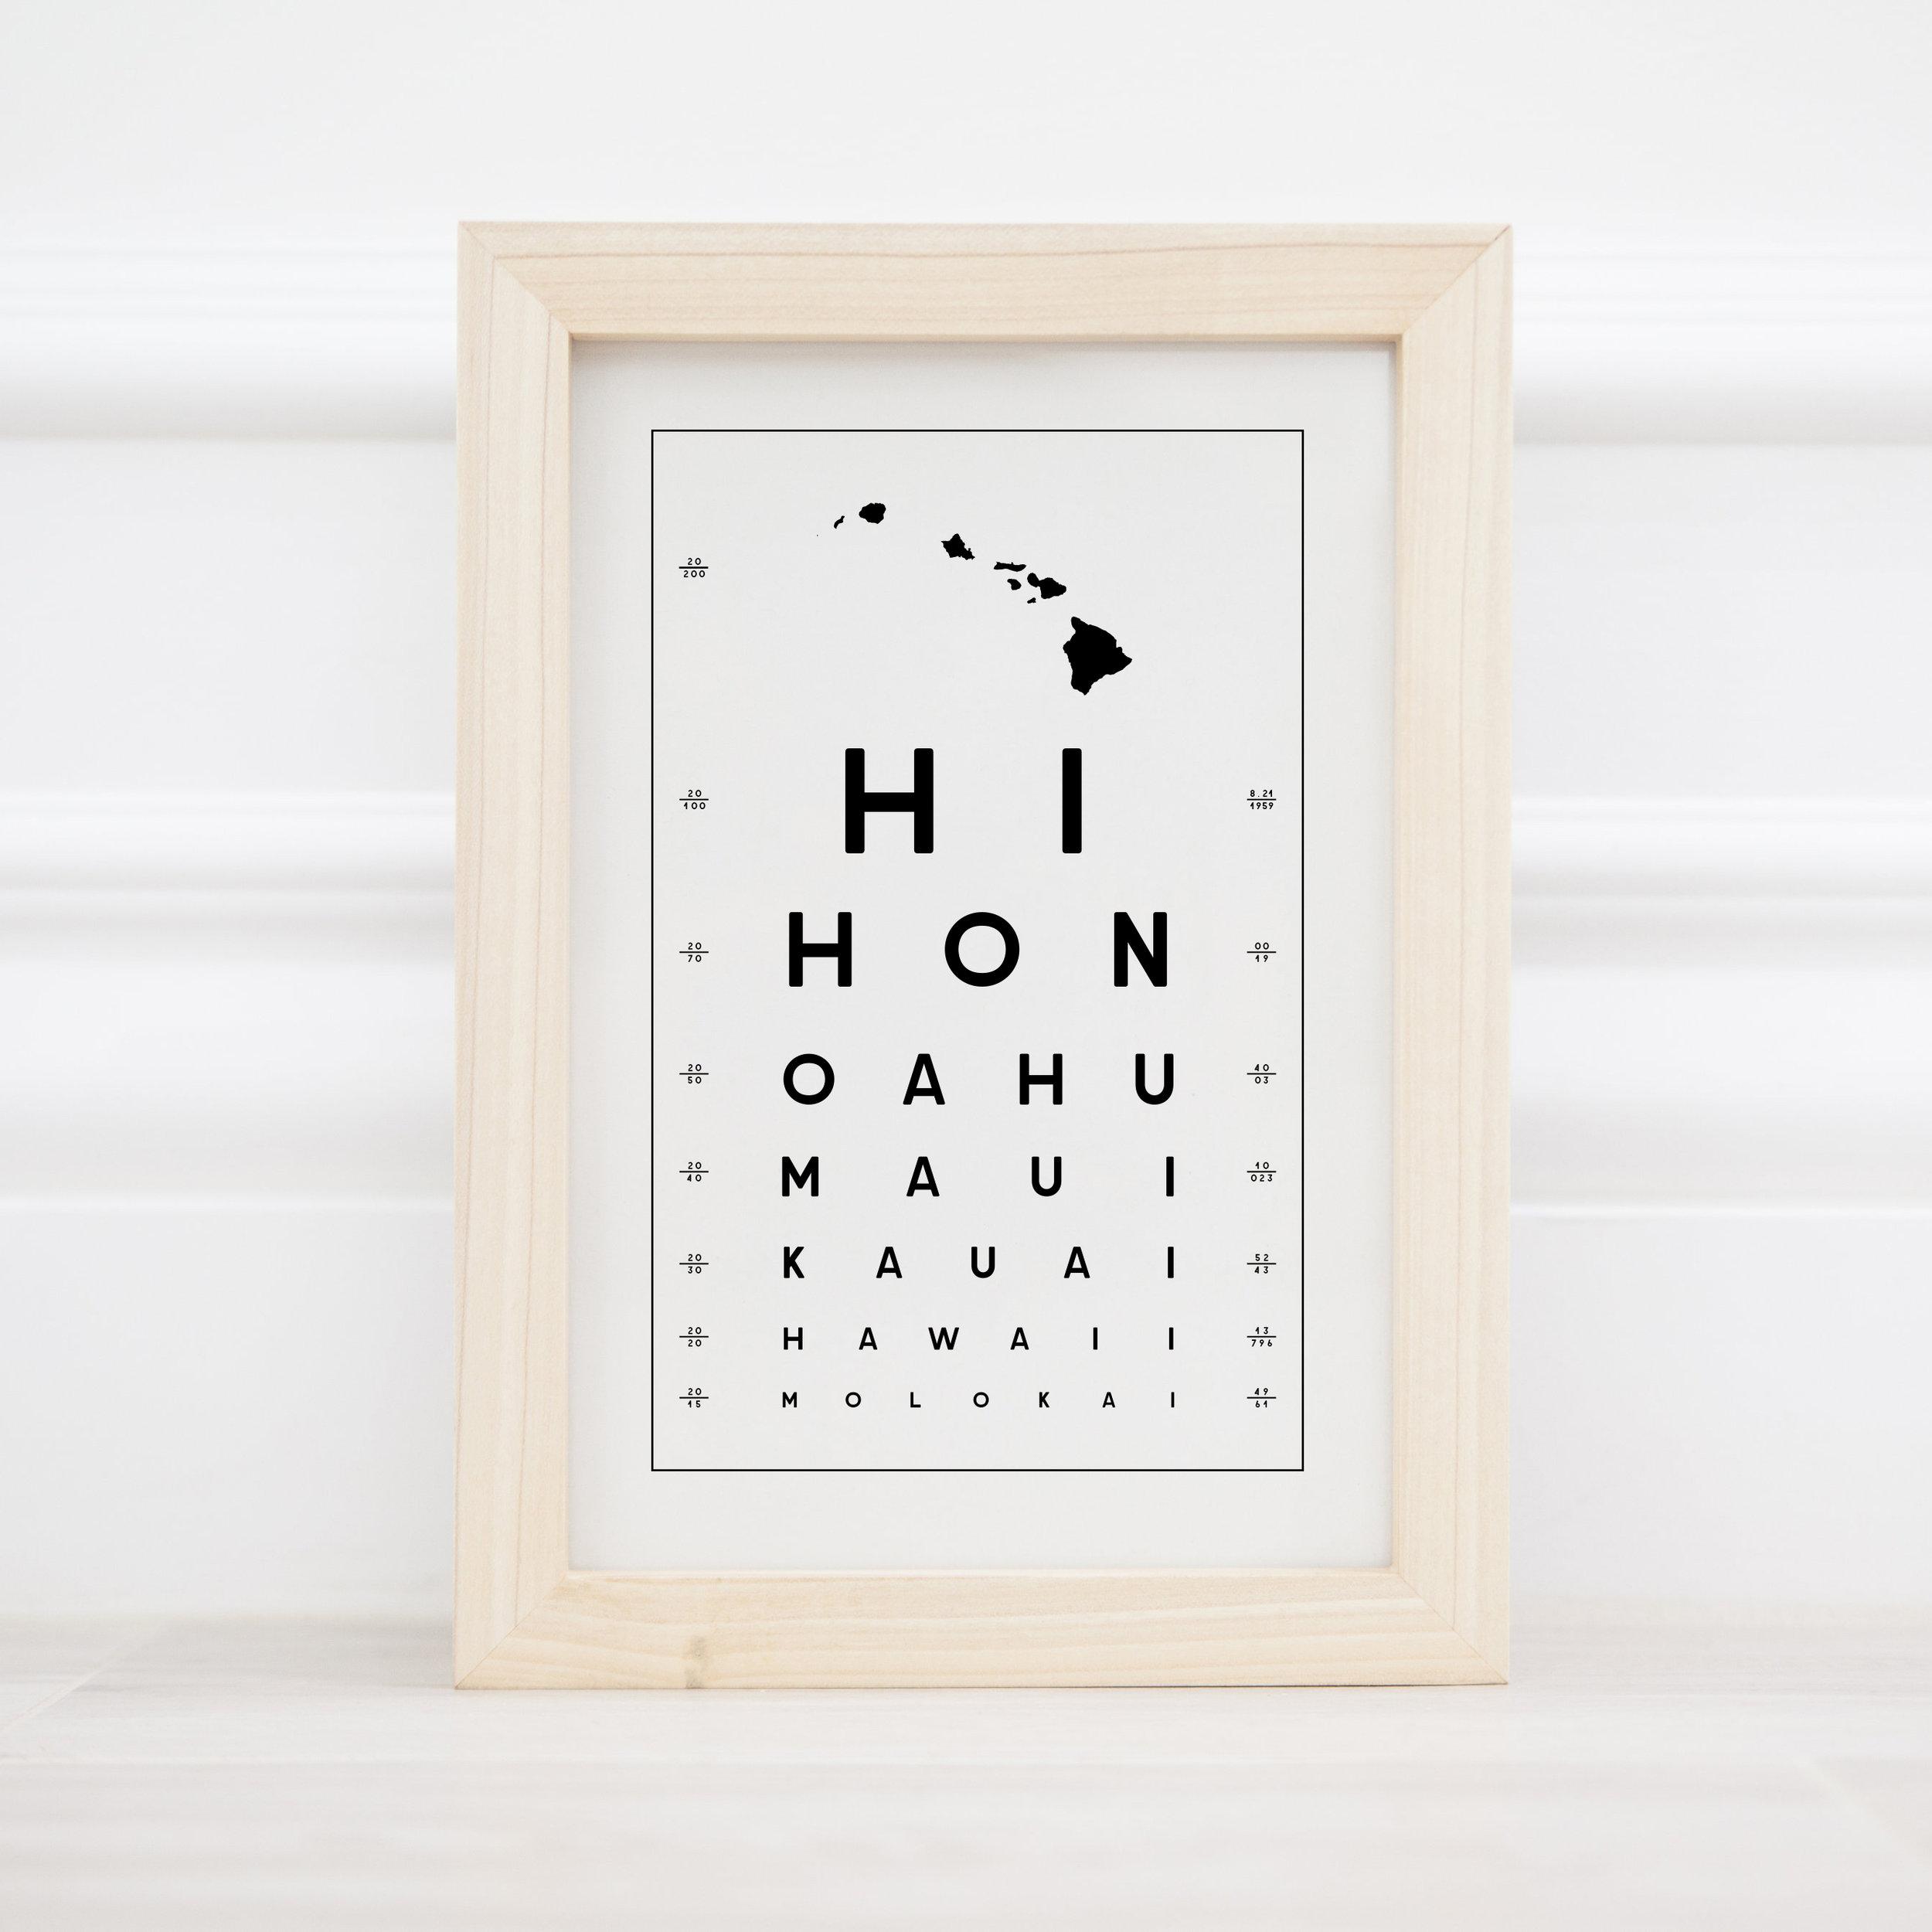 HI Framed1-1.jpg